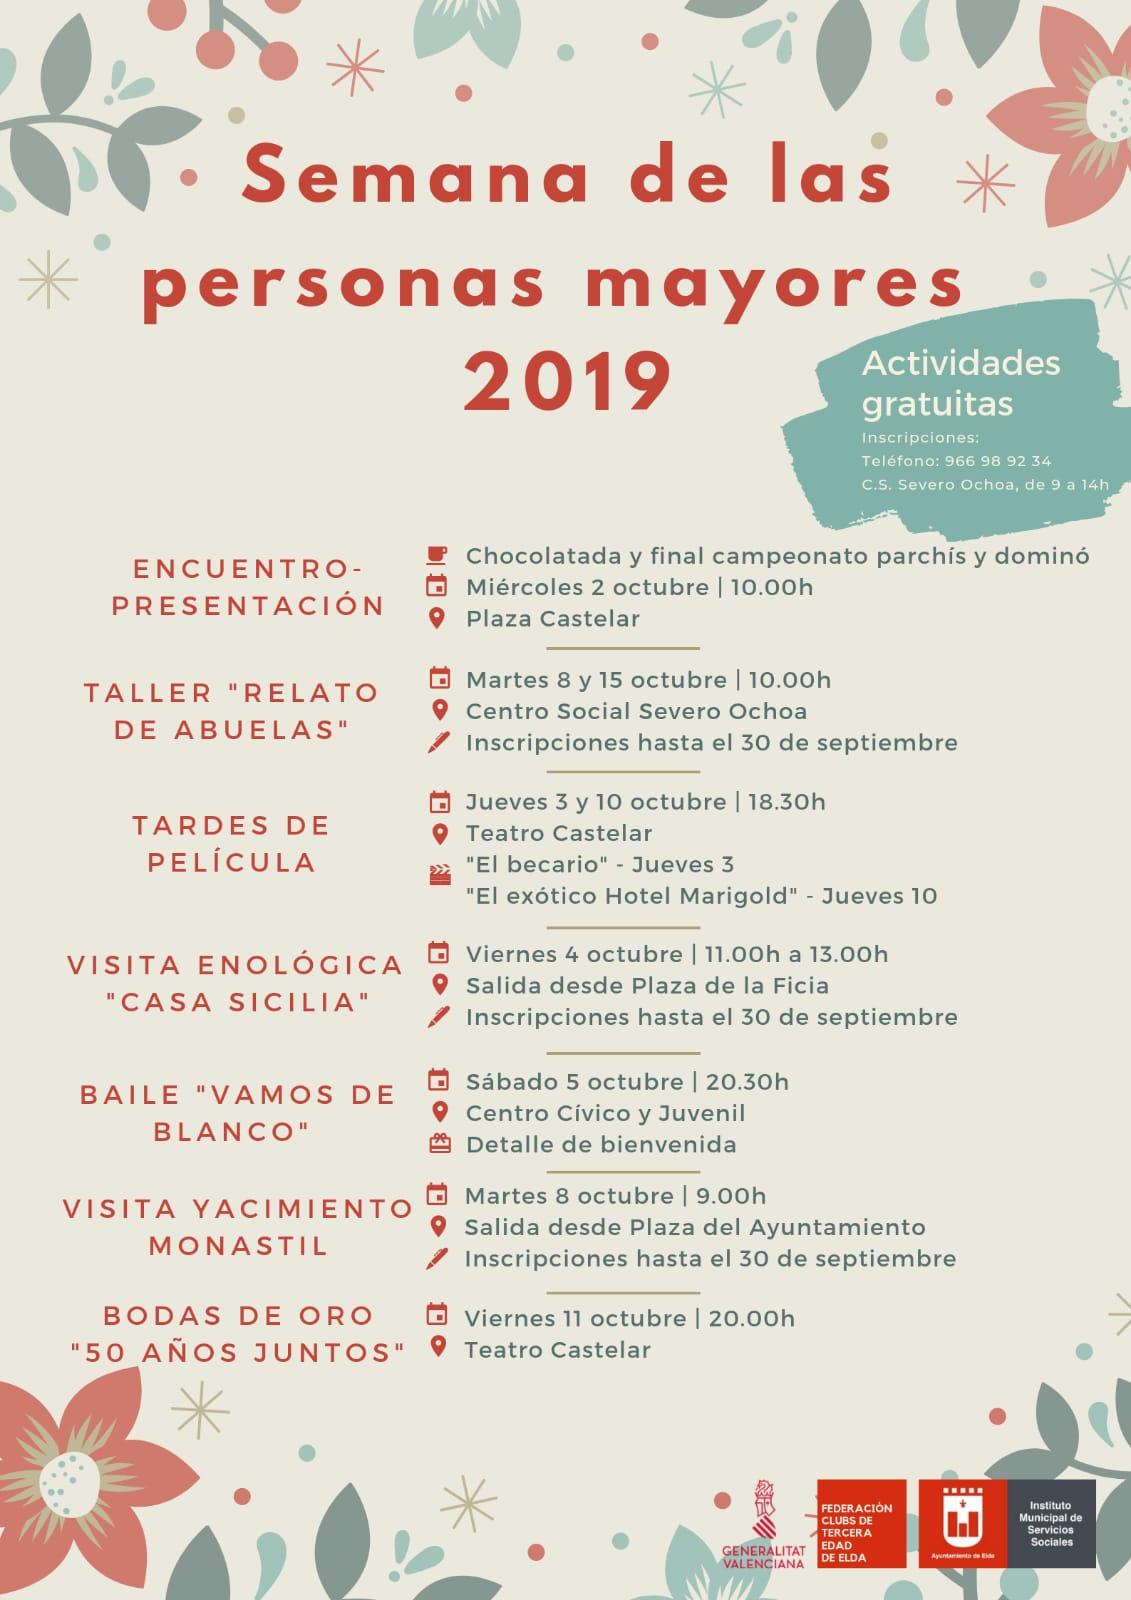 El Ayuntamiento espera contar con la participación de medio millar de personas en la Semana de los Mayores